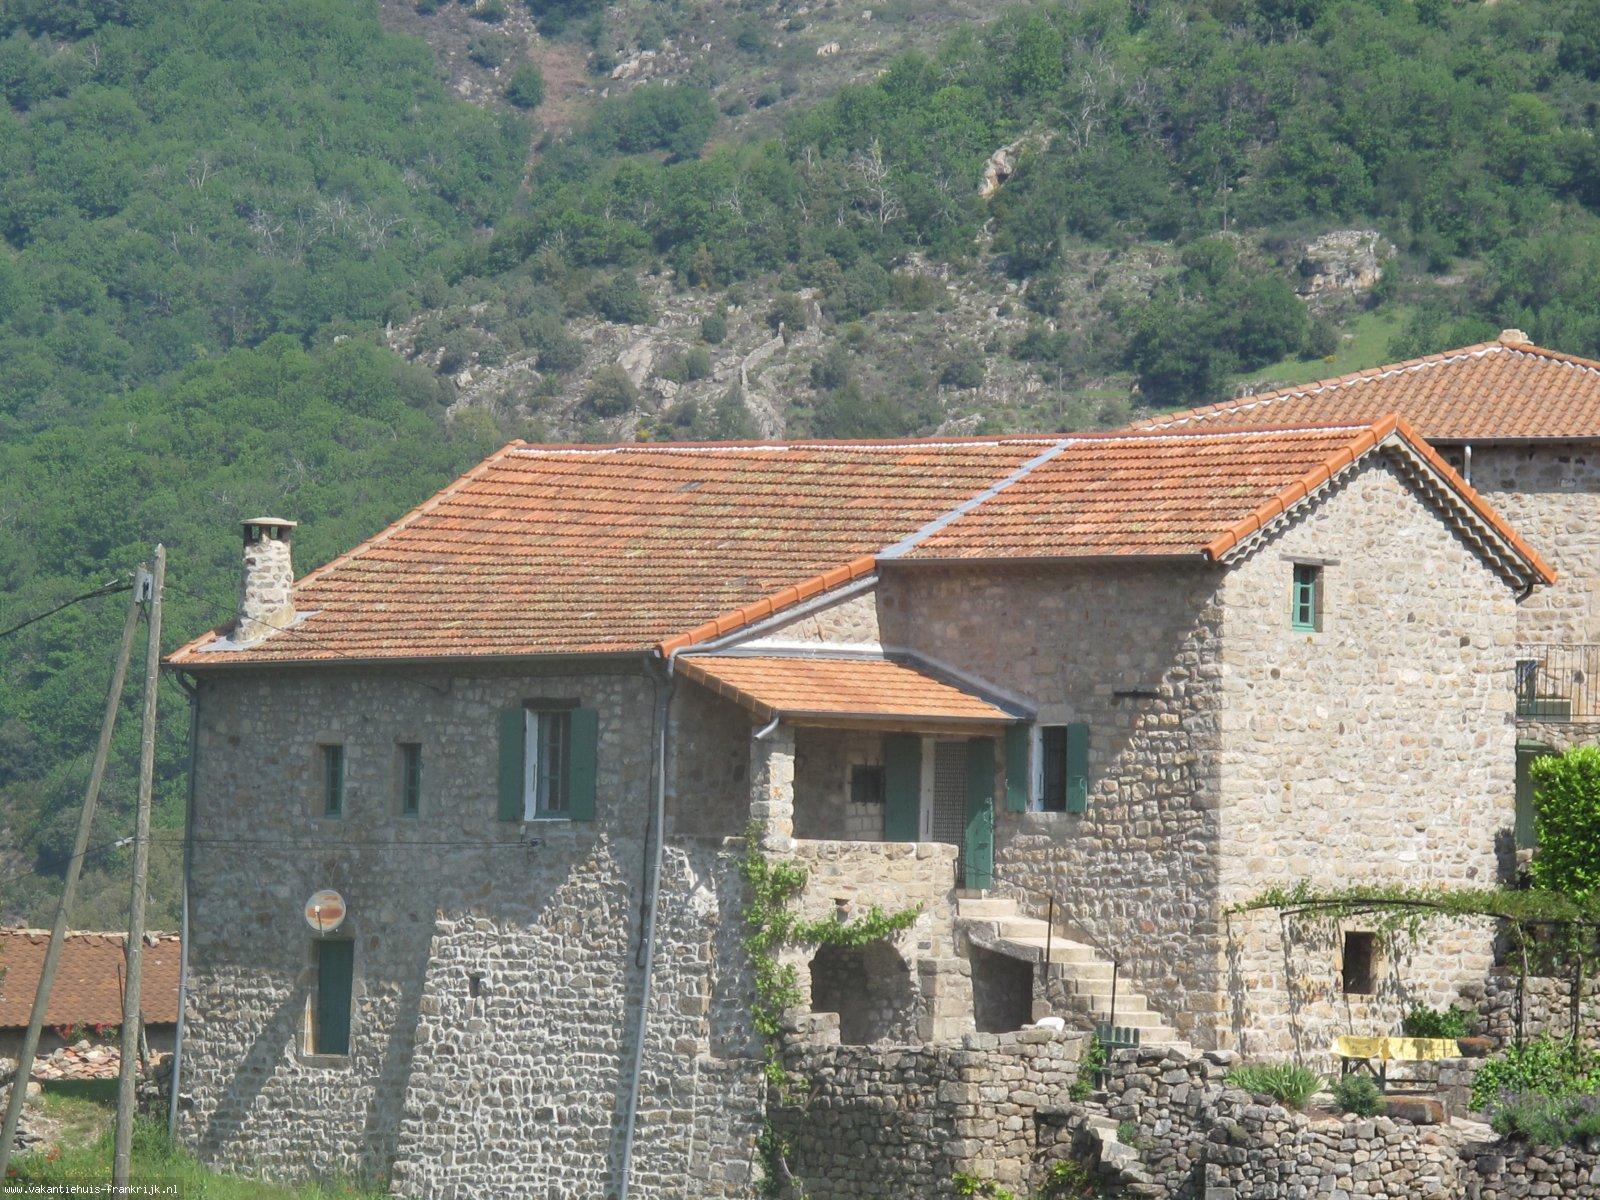 Vakantiehuis: Gemoderniseerde Middeleeuwse gîte. Ardèche. Zuid-Frankrijk. Vrijstaand, Wifi. Maximaal 6 personen. te huur voor uw vakantie in Ardeche (Frankrijk)